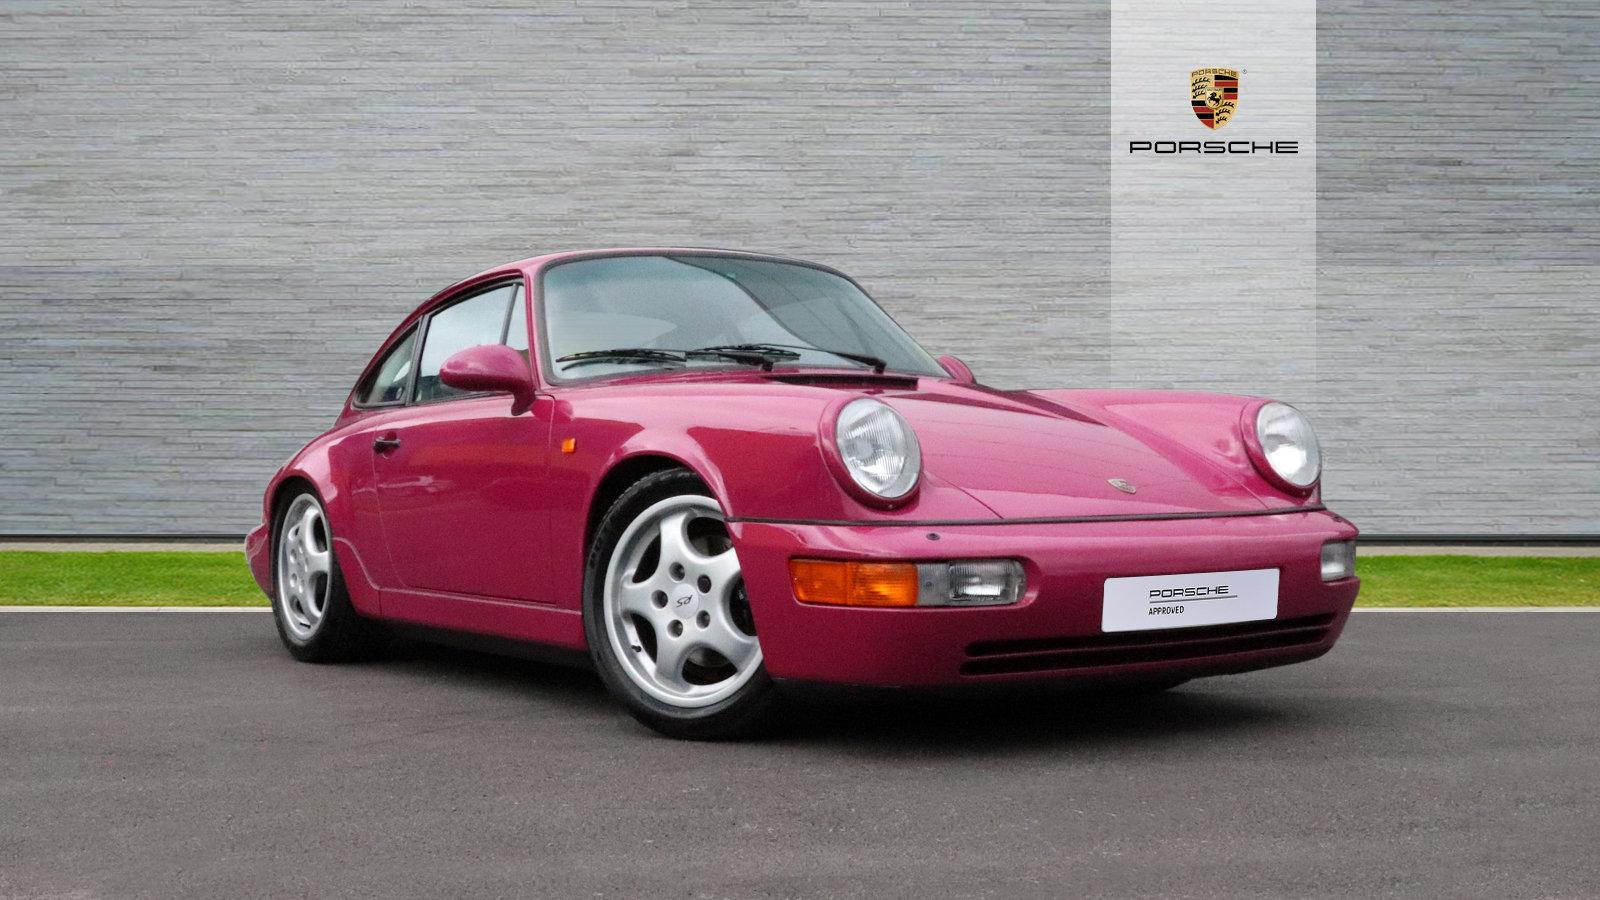 1991 Porsche 964 Carrera 4 Coupe For Sale (picture 1 of 6)